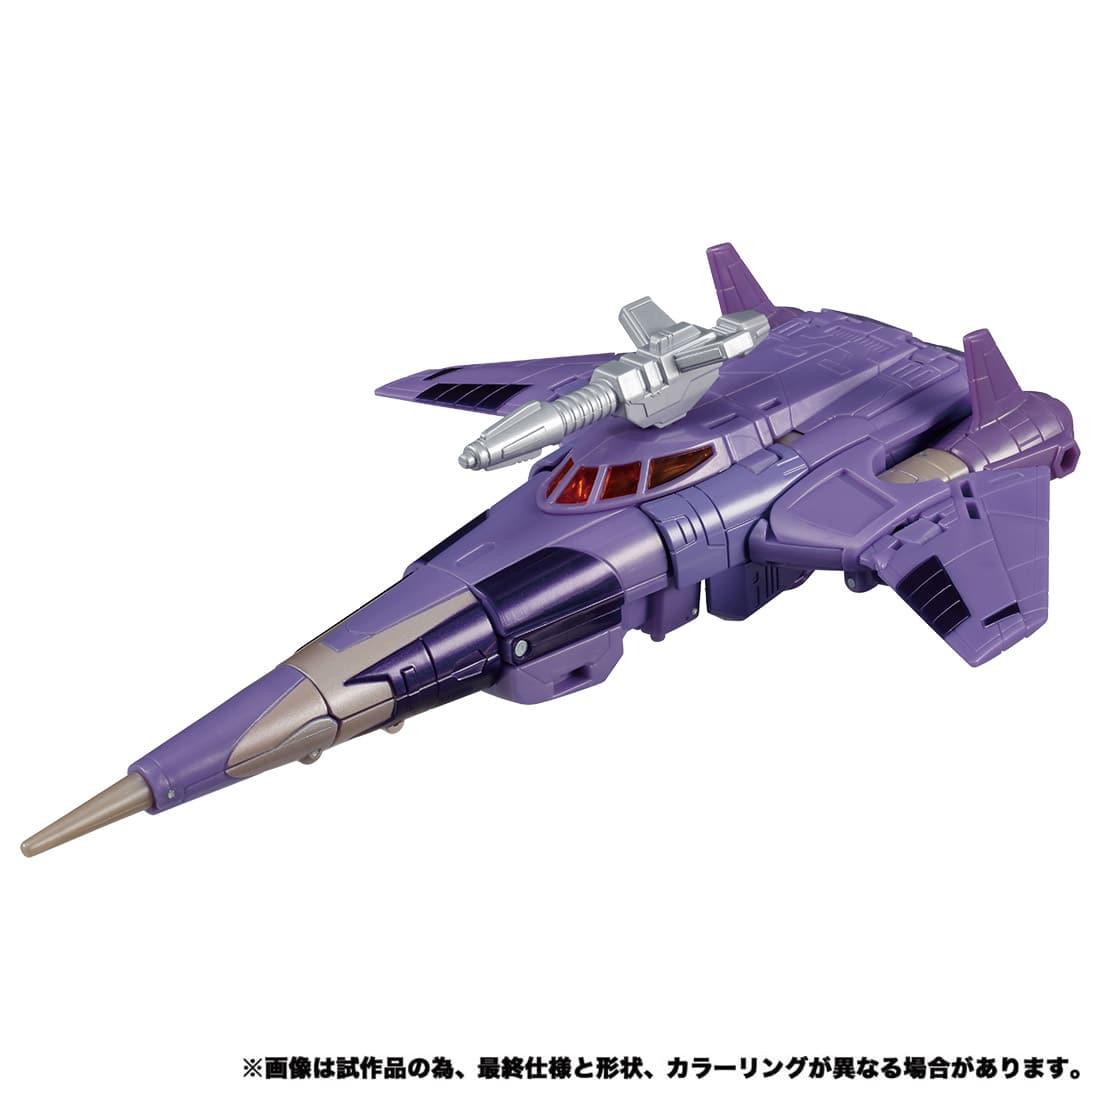 トランスフォーマー キングダム『KD-07 サイクロナス』可変可動フィギュア-002